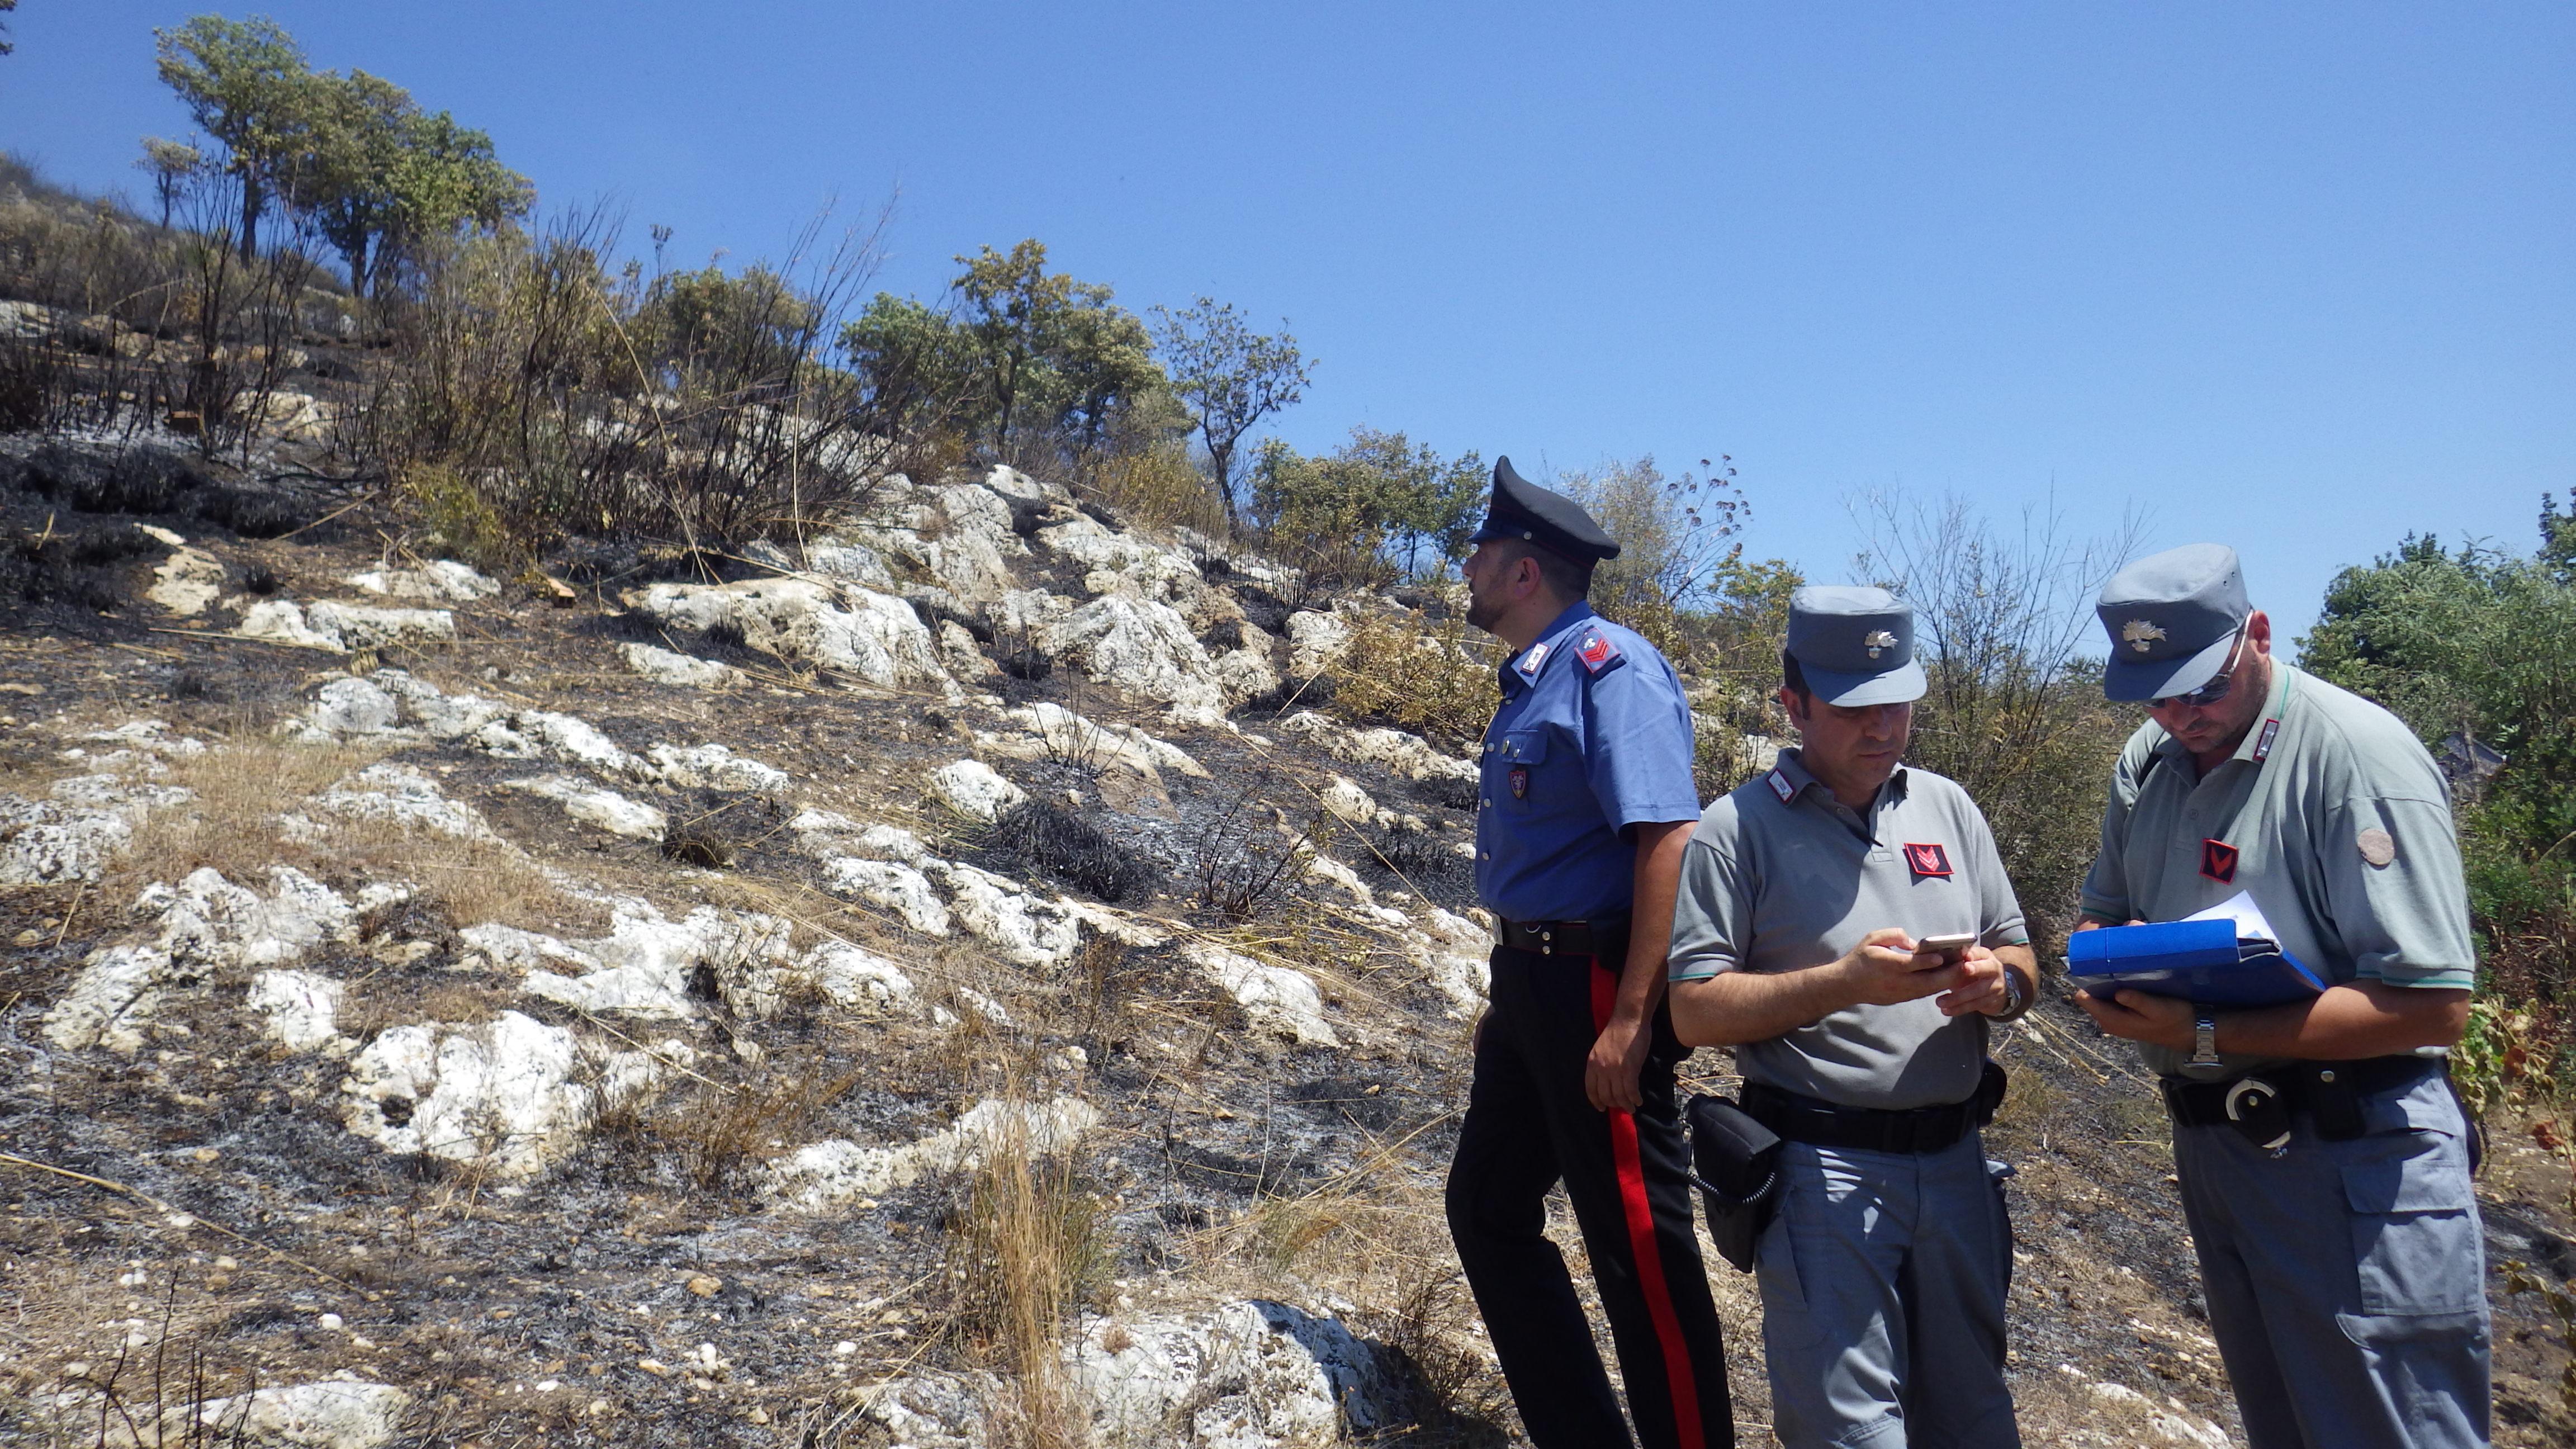 Castel Fusano, arrestato piromane: colto in flagrante mentre appiccava incendio